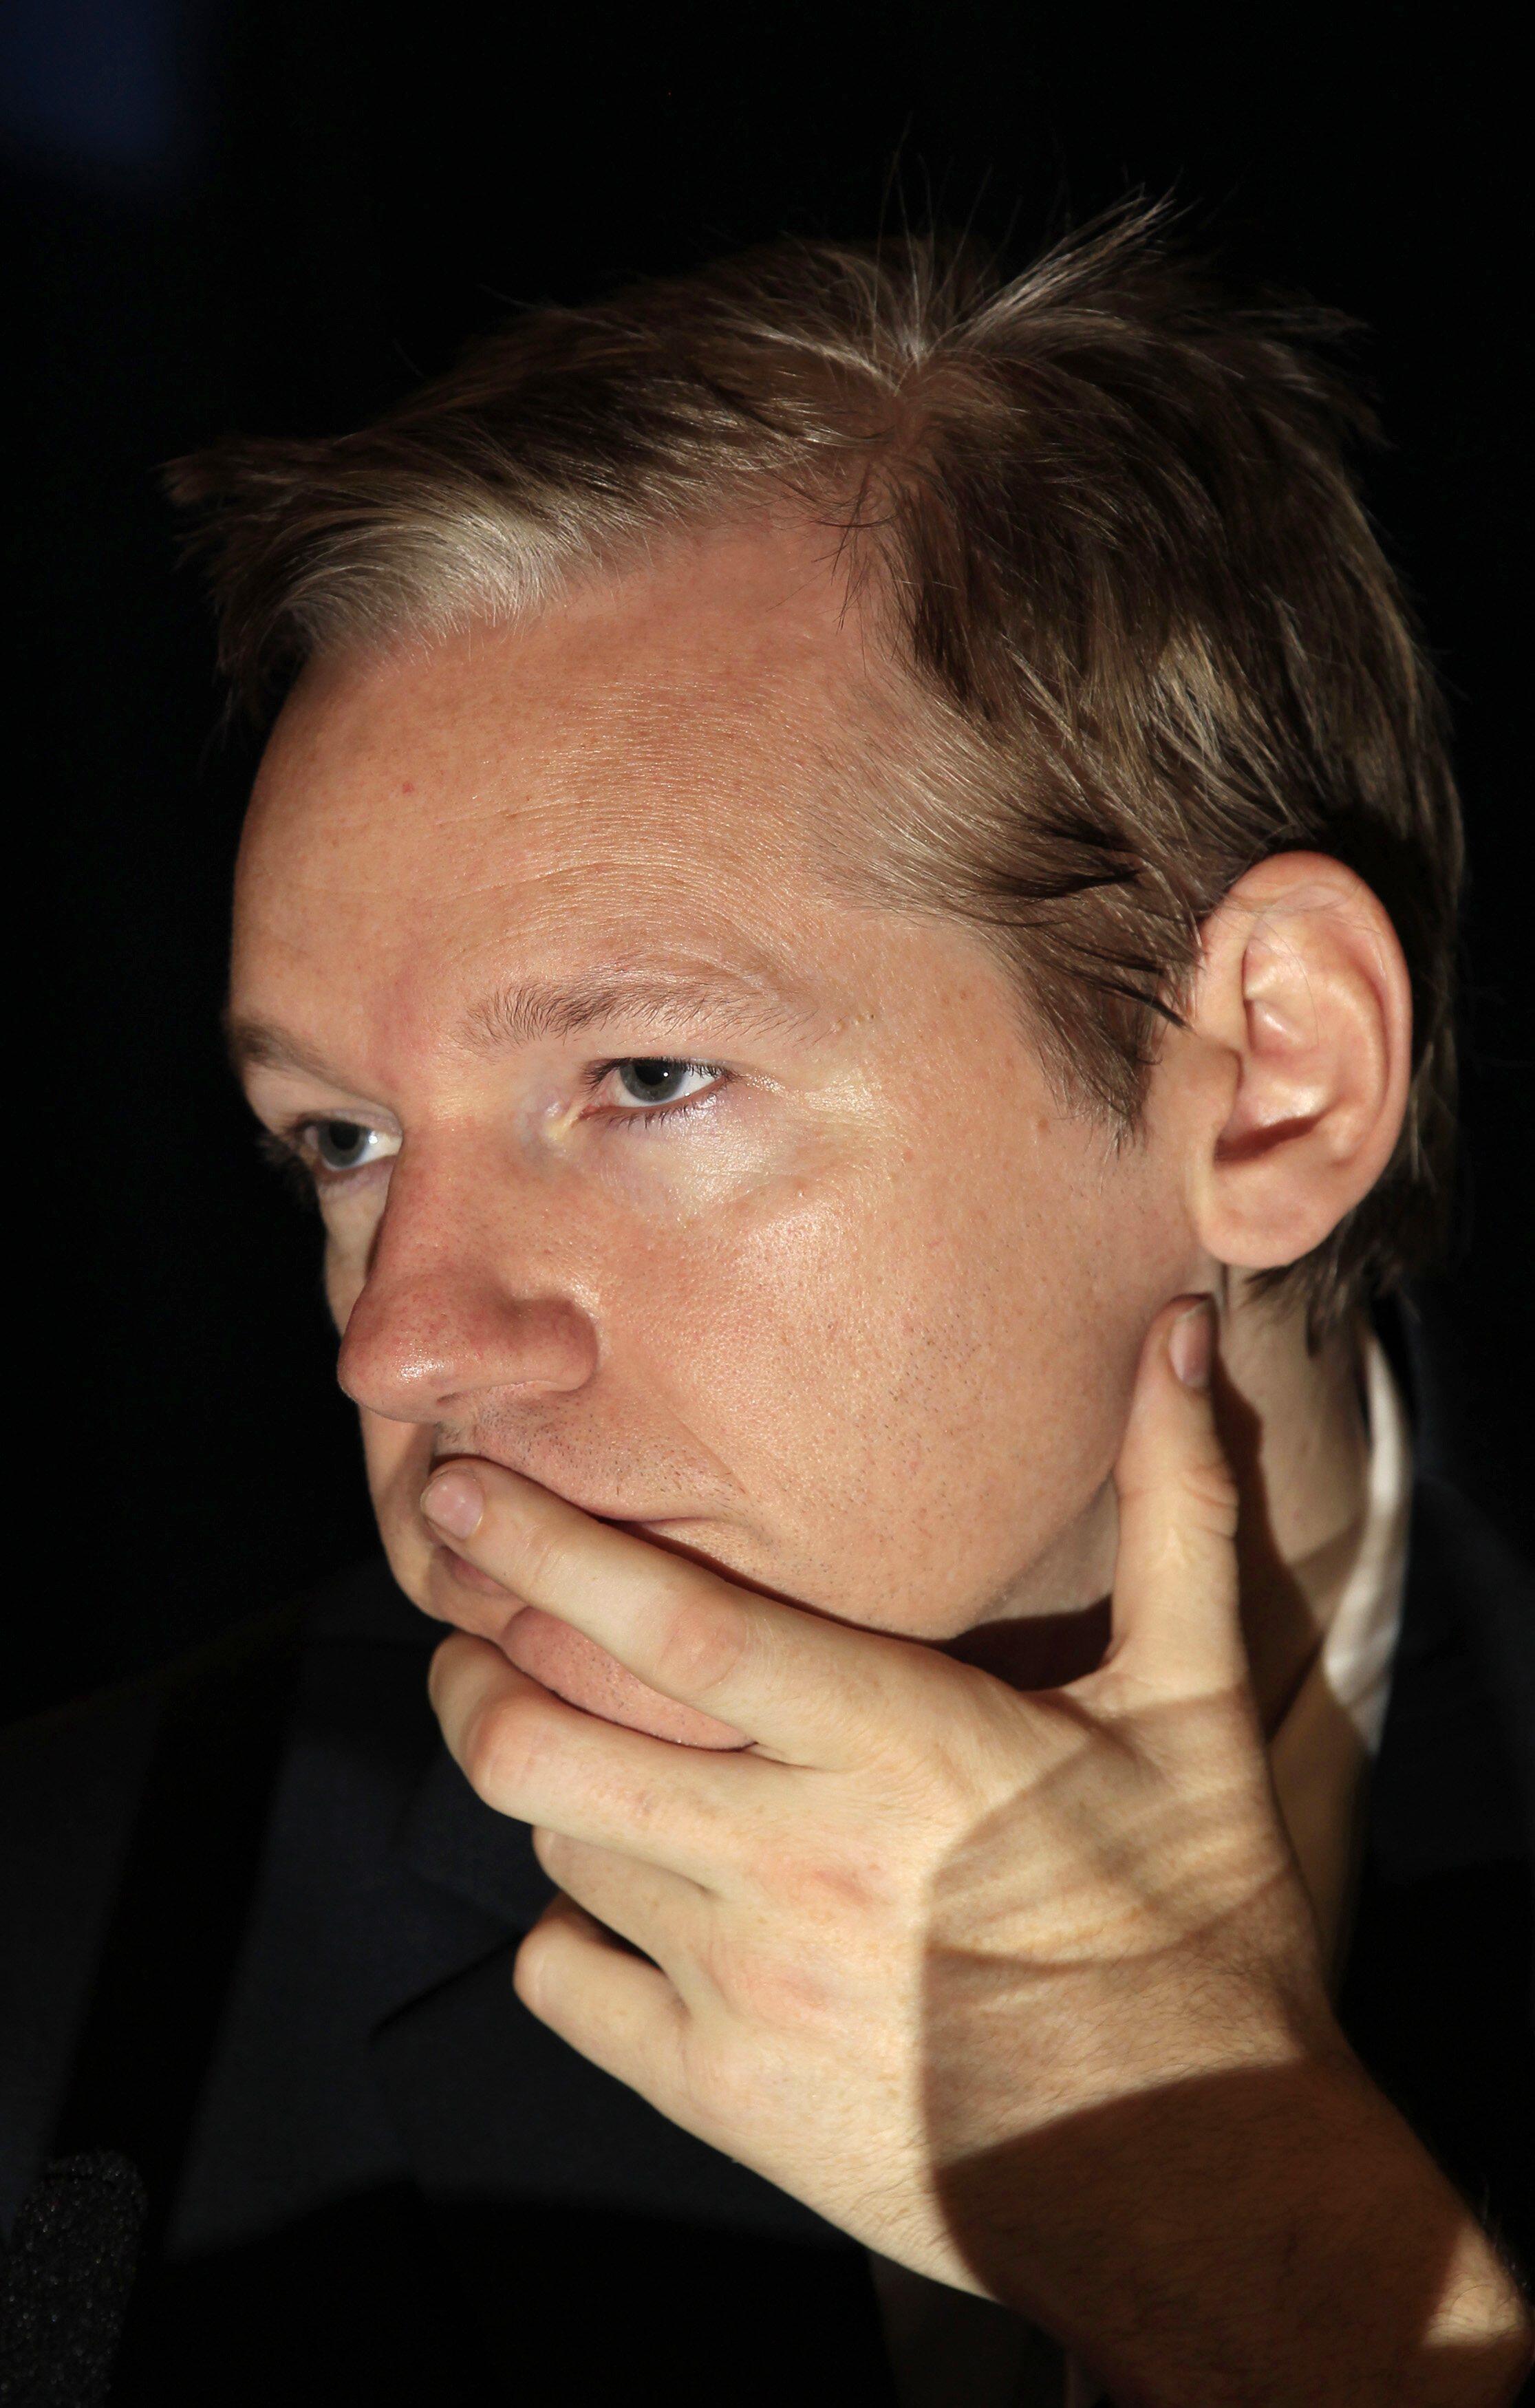 Julian Assange shugaban shafin Wikileaks mai wallafa bayanan sirri da ya samu